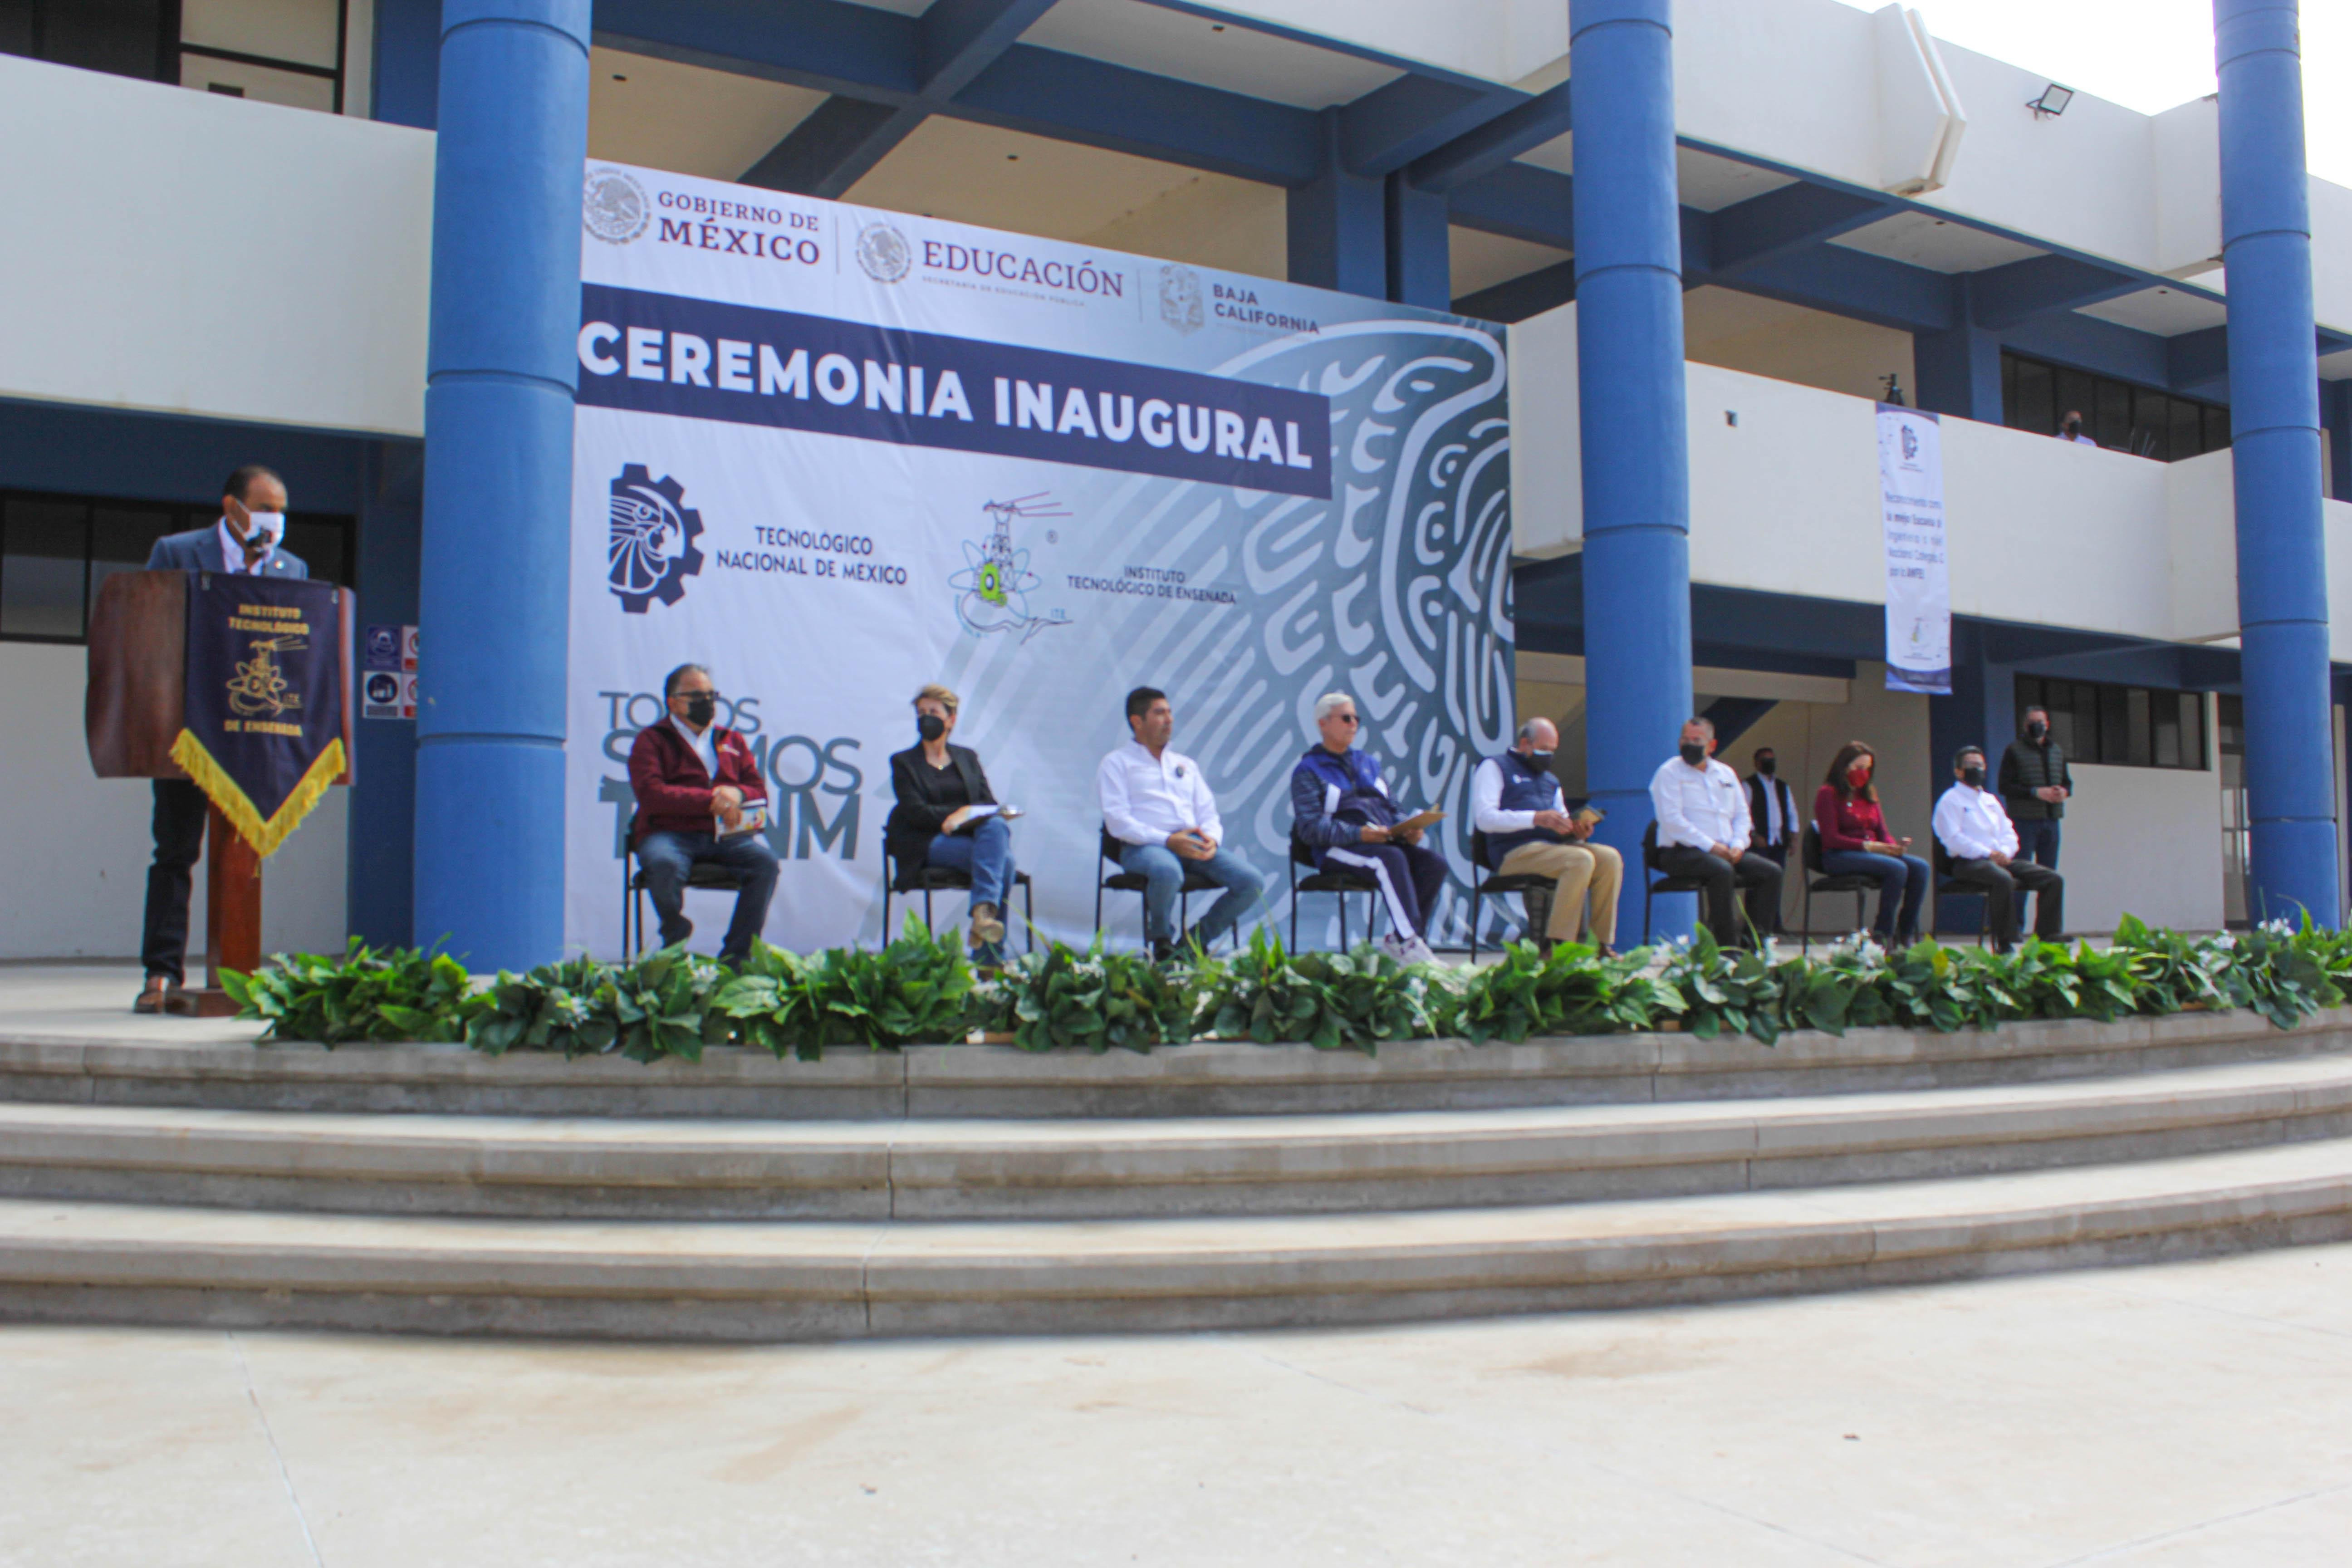 Ceremonia Inaugural del centro de formación académica, deportiva y cultural